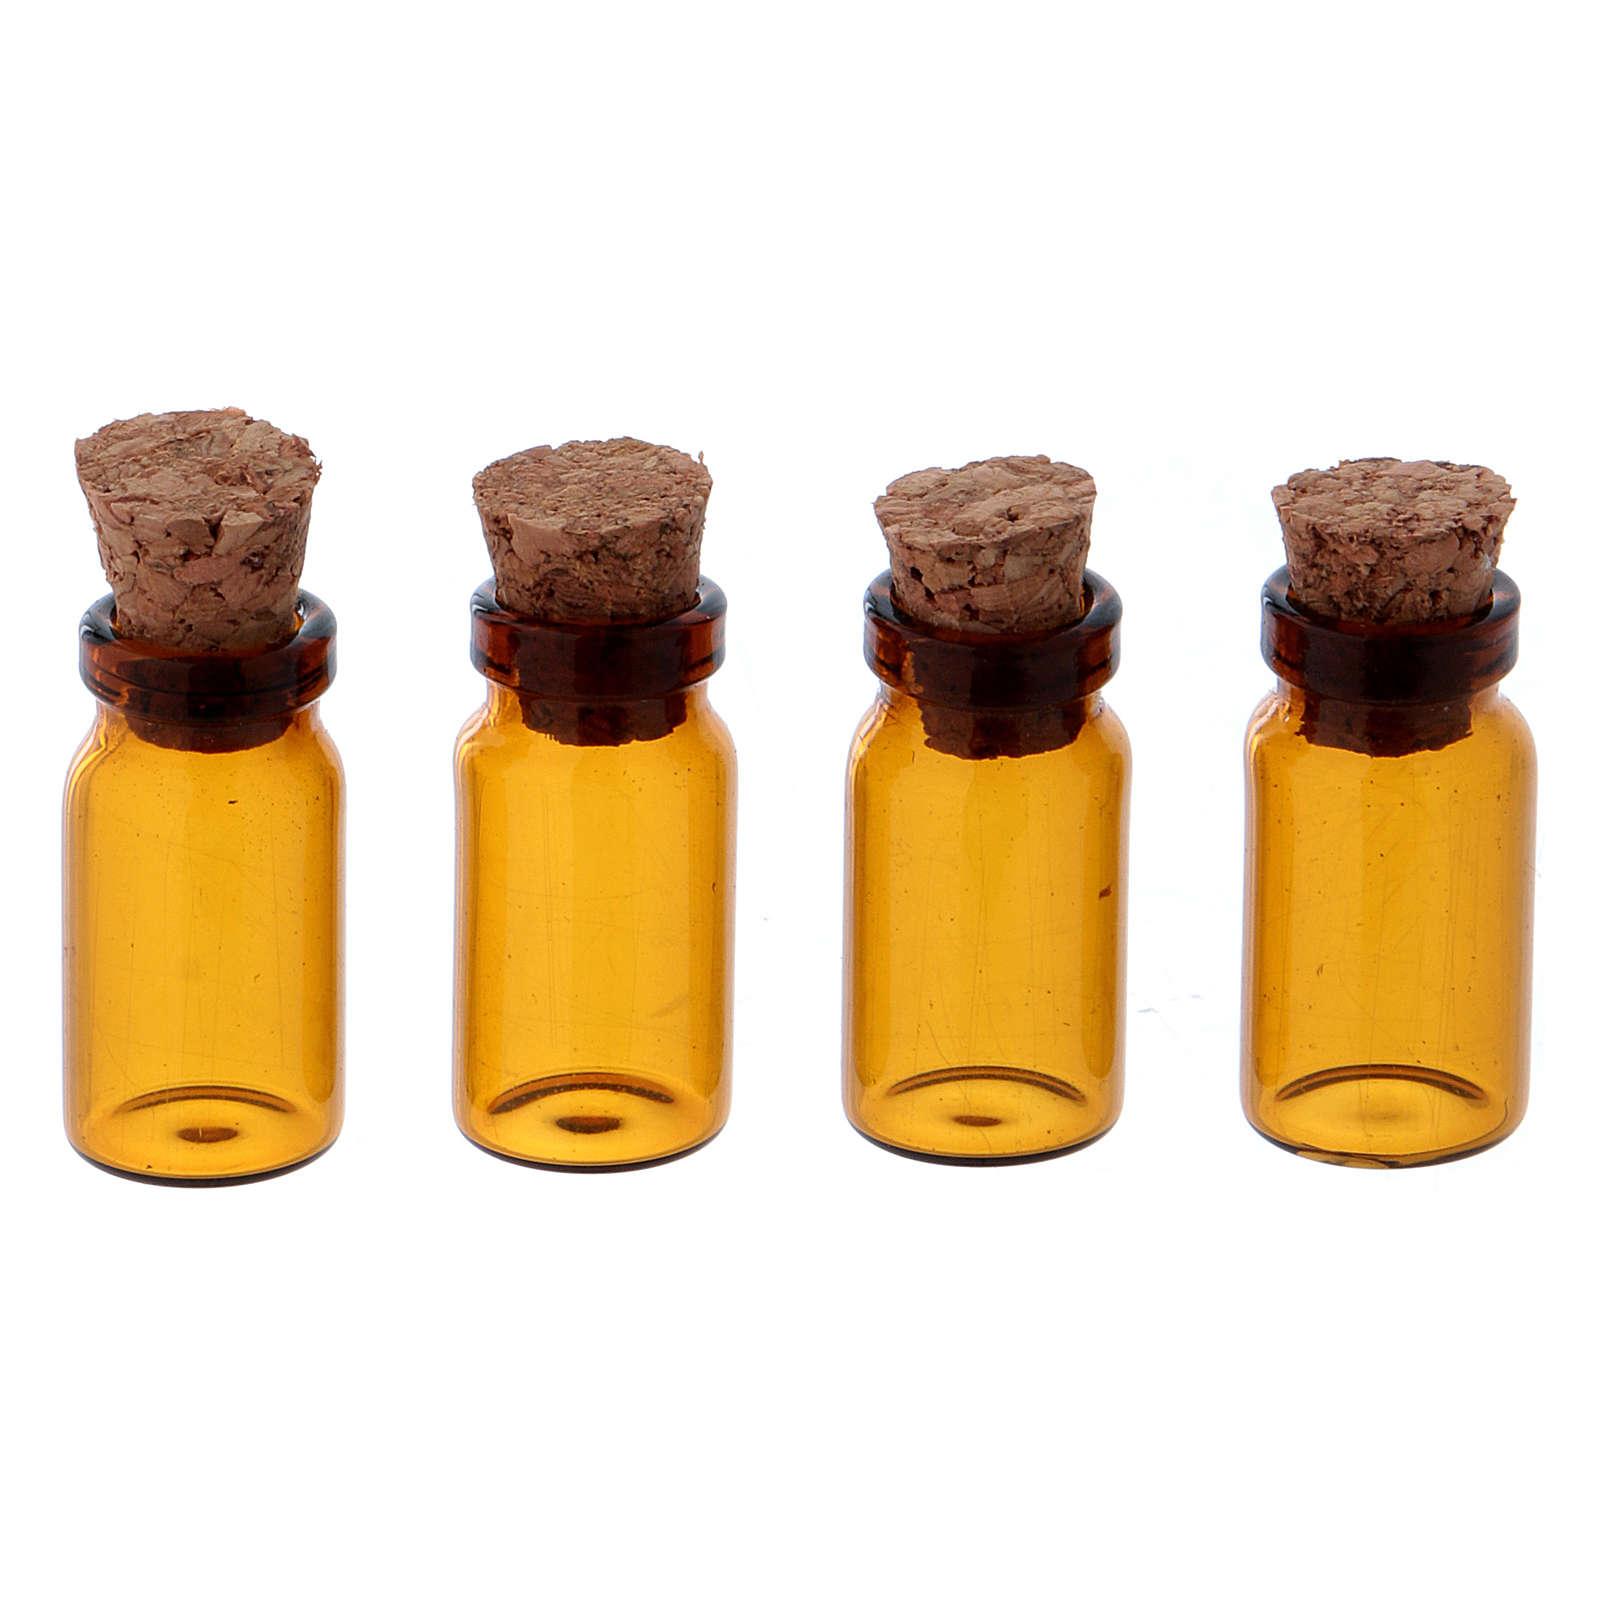 Jarrones de vidrio marrón h 3 cm 4